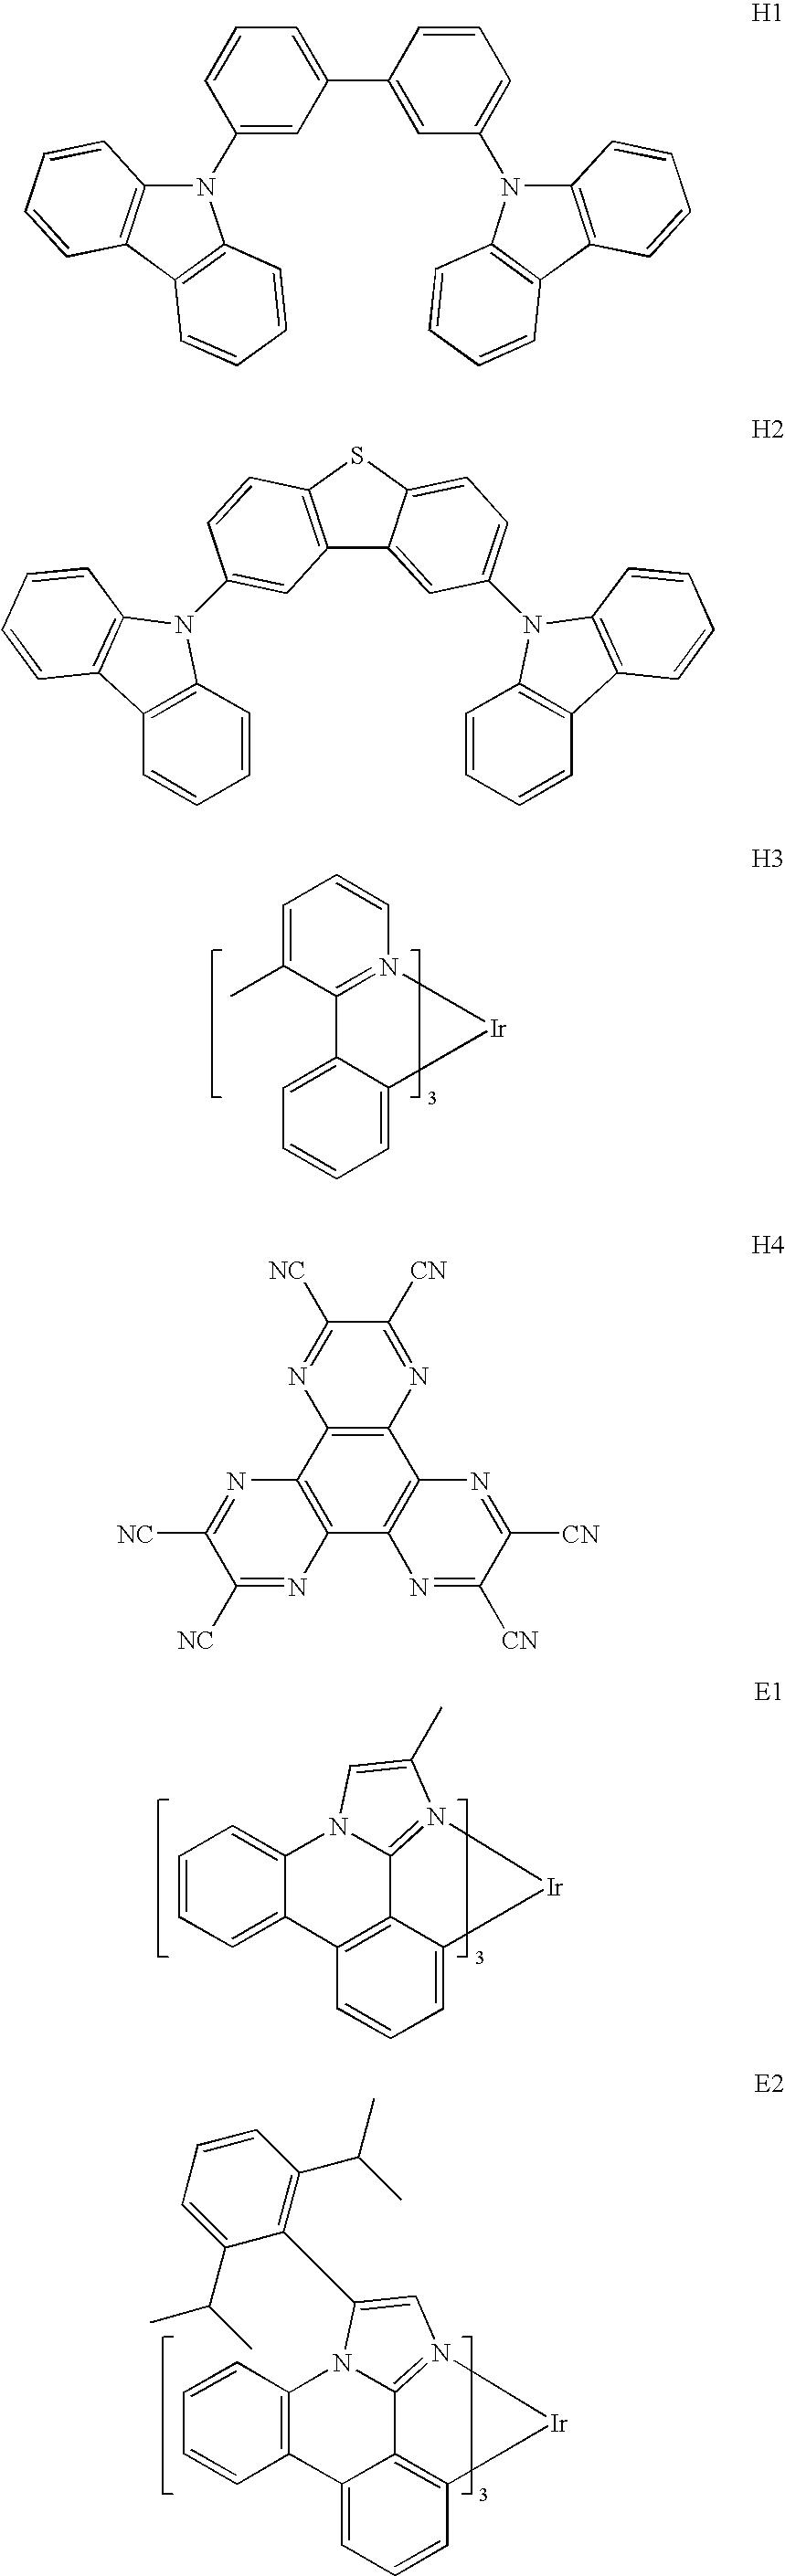 Figure US08815415-20140826-C00158